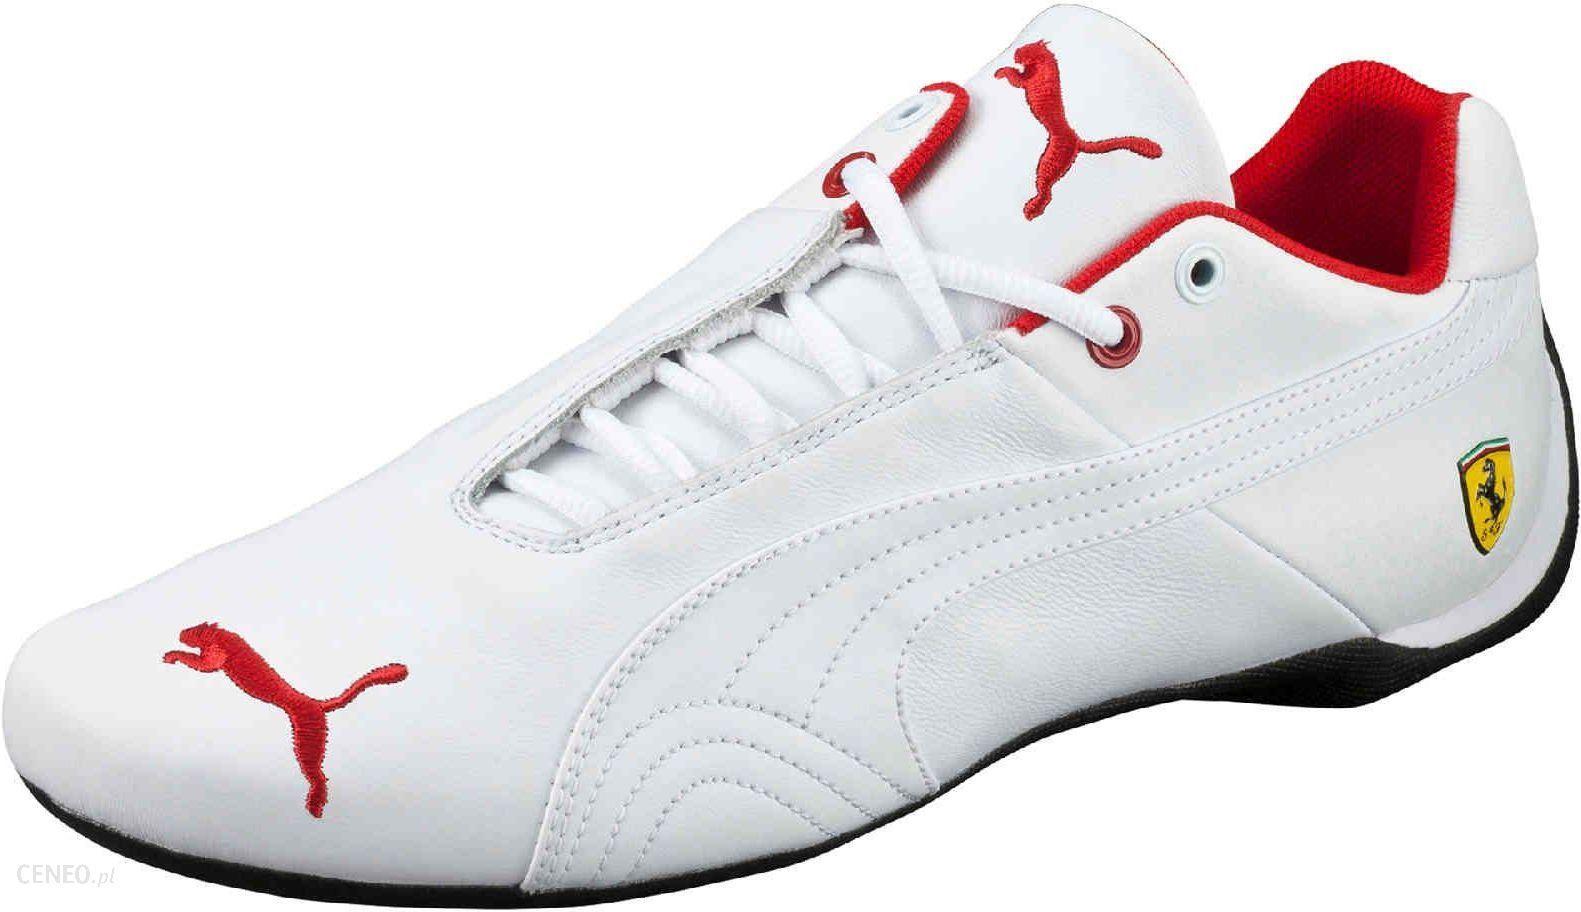 Puma buty Future Cat Leather SF White White 44, DOSTAWA GRATIS, BEZPŁATNY ODBIÓR: WARSZAWA, WROCŁAW, KATOWICE, KRAKÓW!